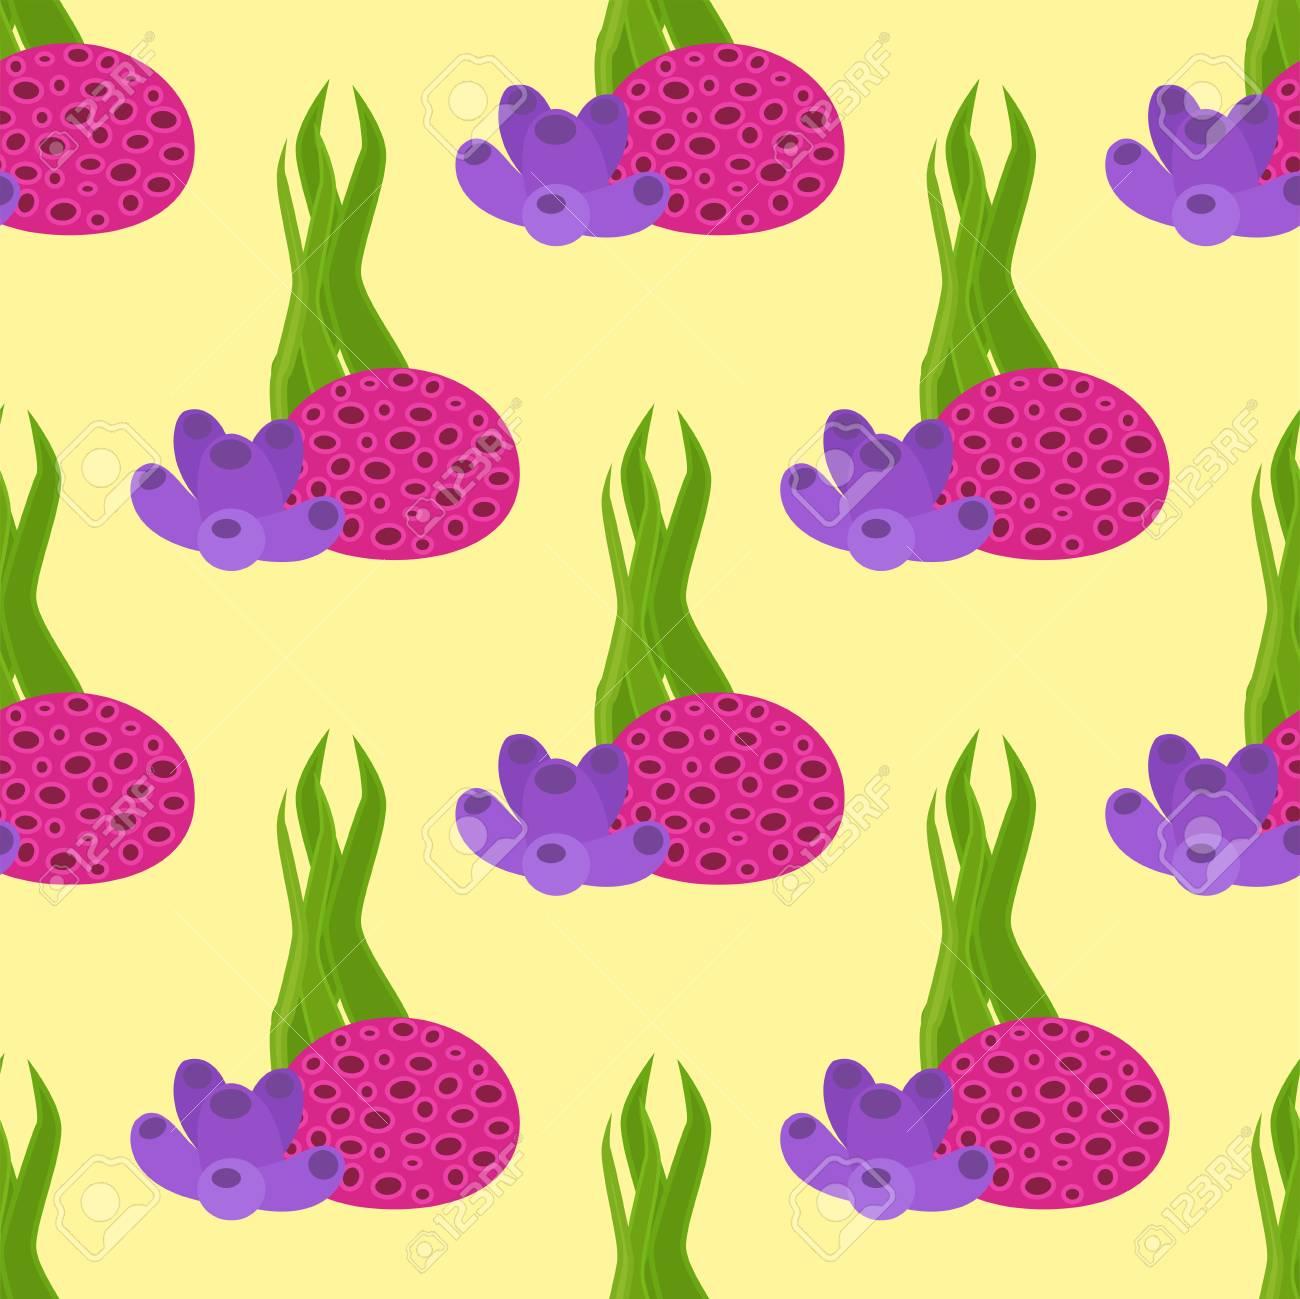 海藻植物のシームレスなパターン背景ベクトル イラストのイラスト素材